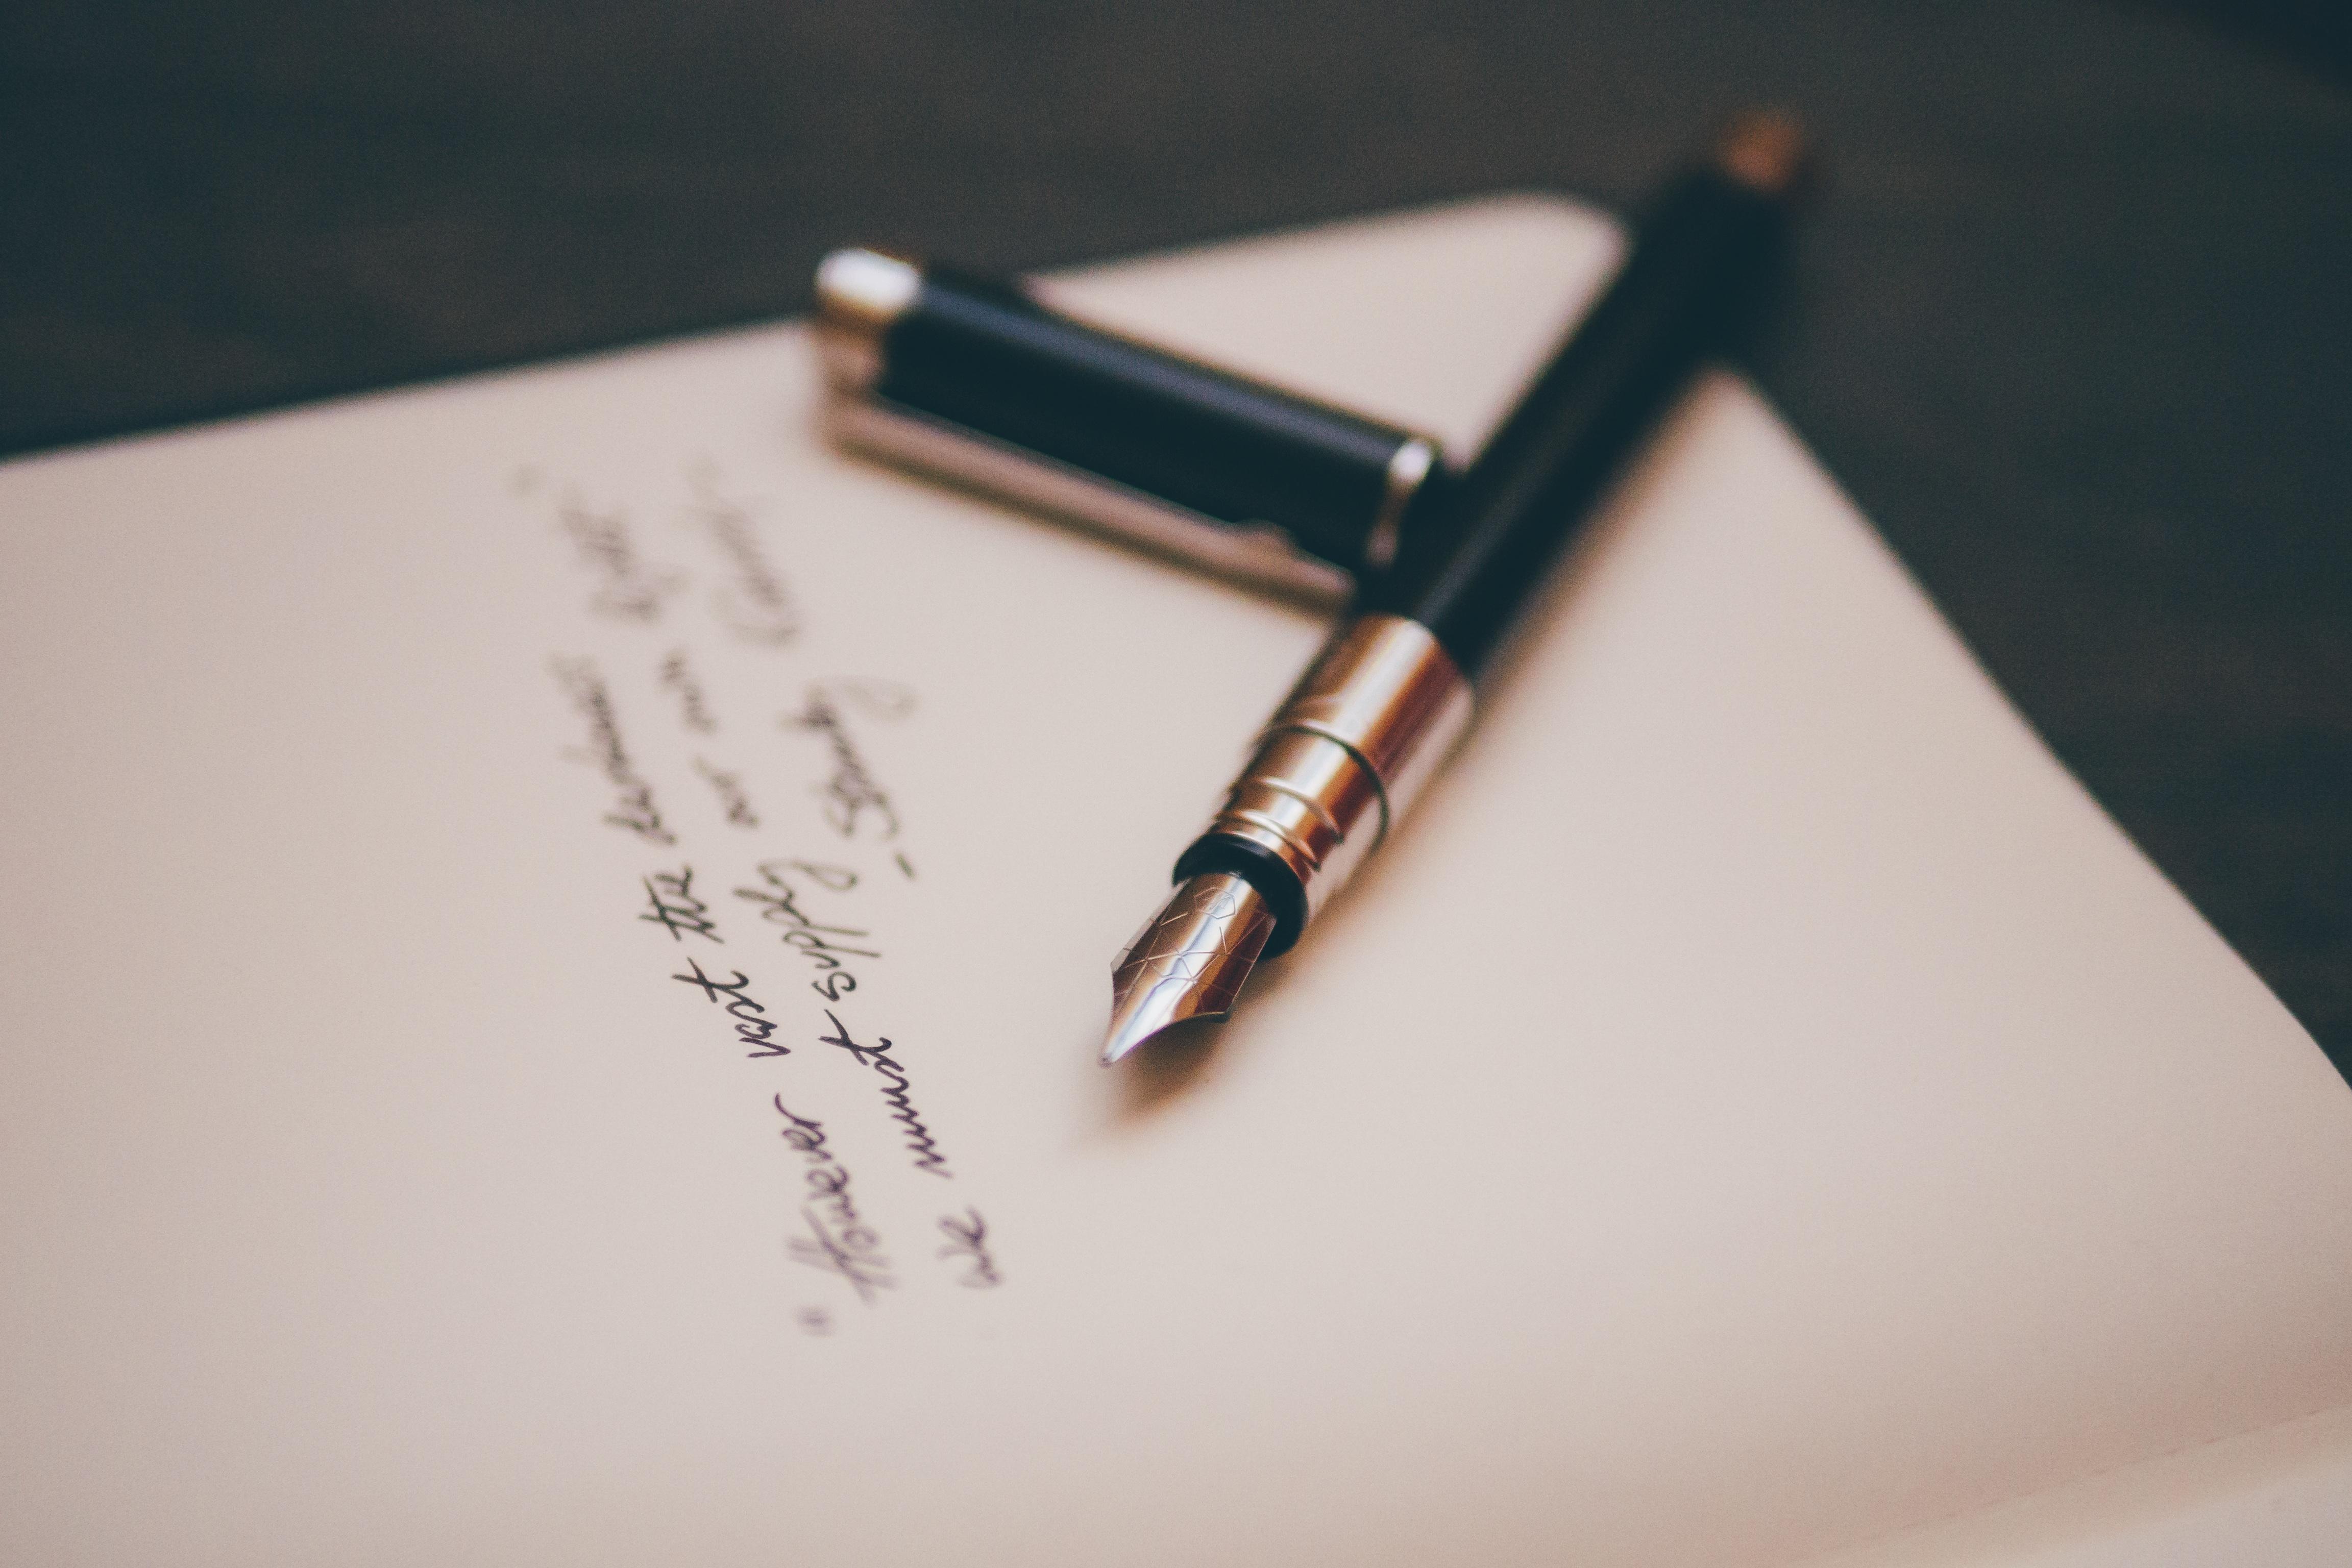 Ziele erreichen mit dem Self-Journal